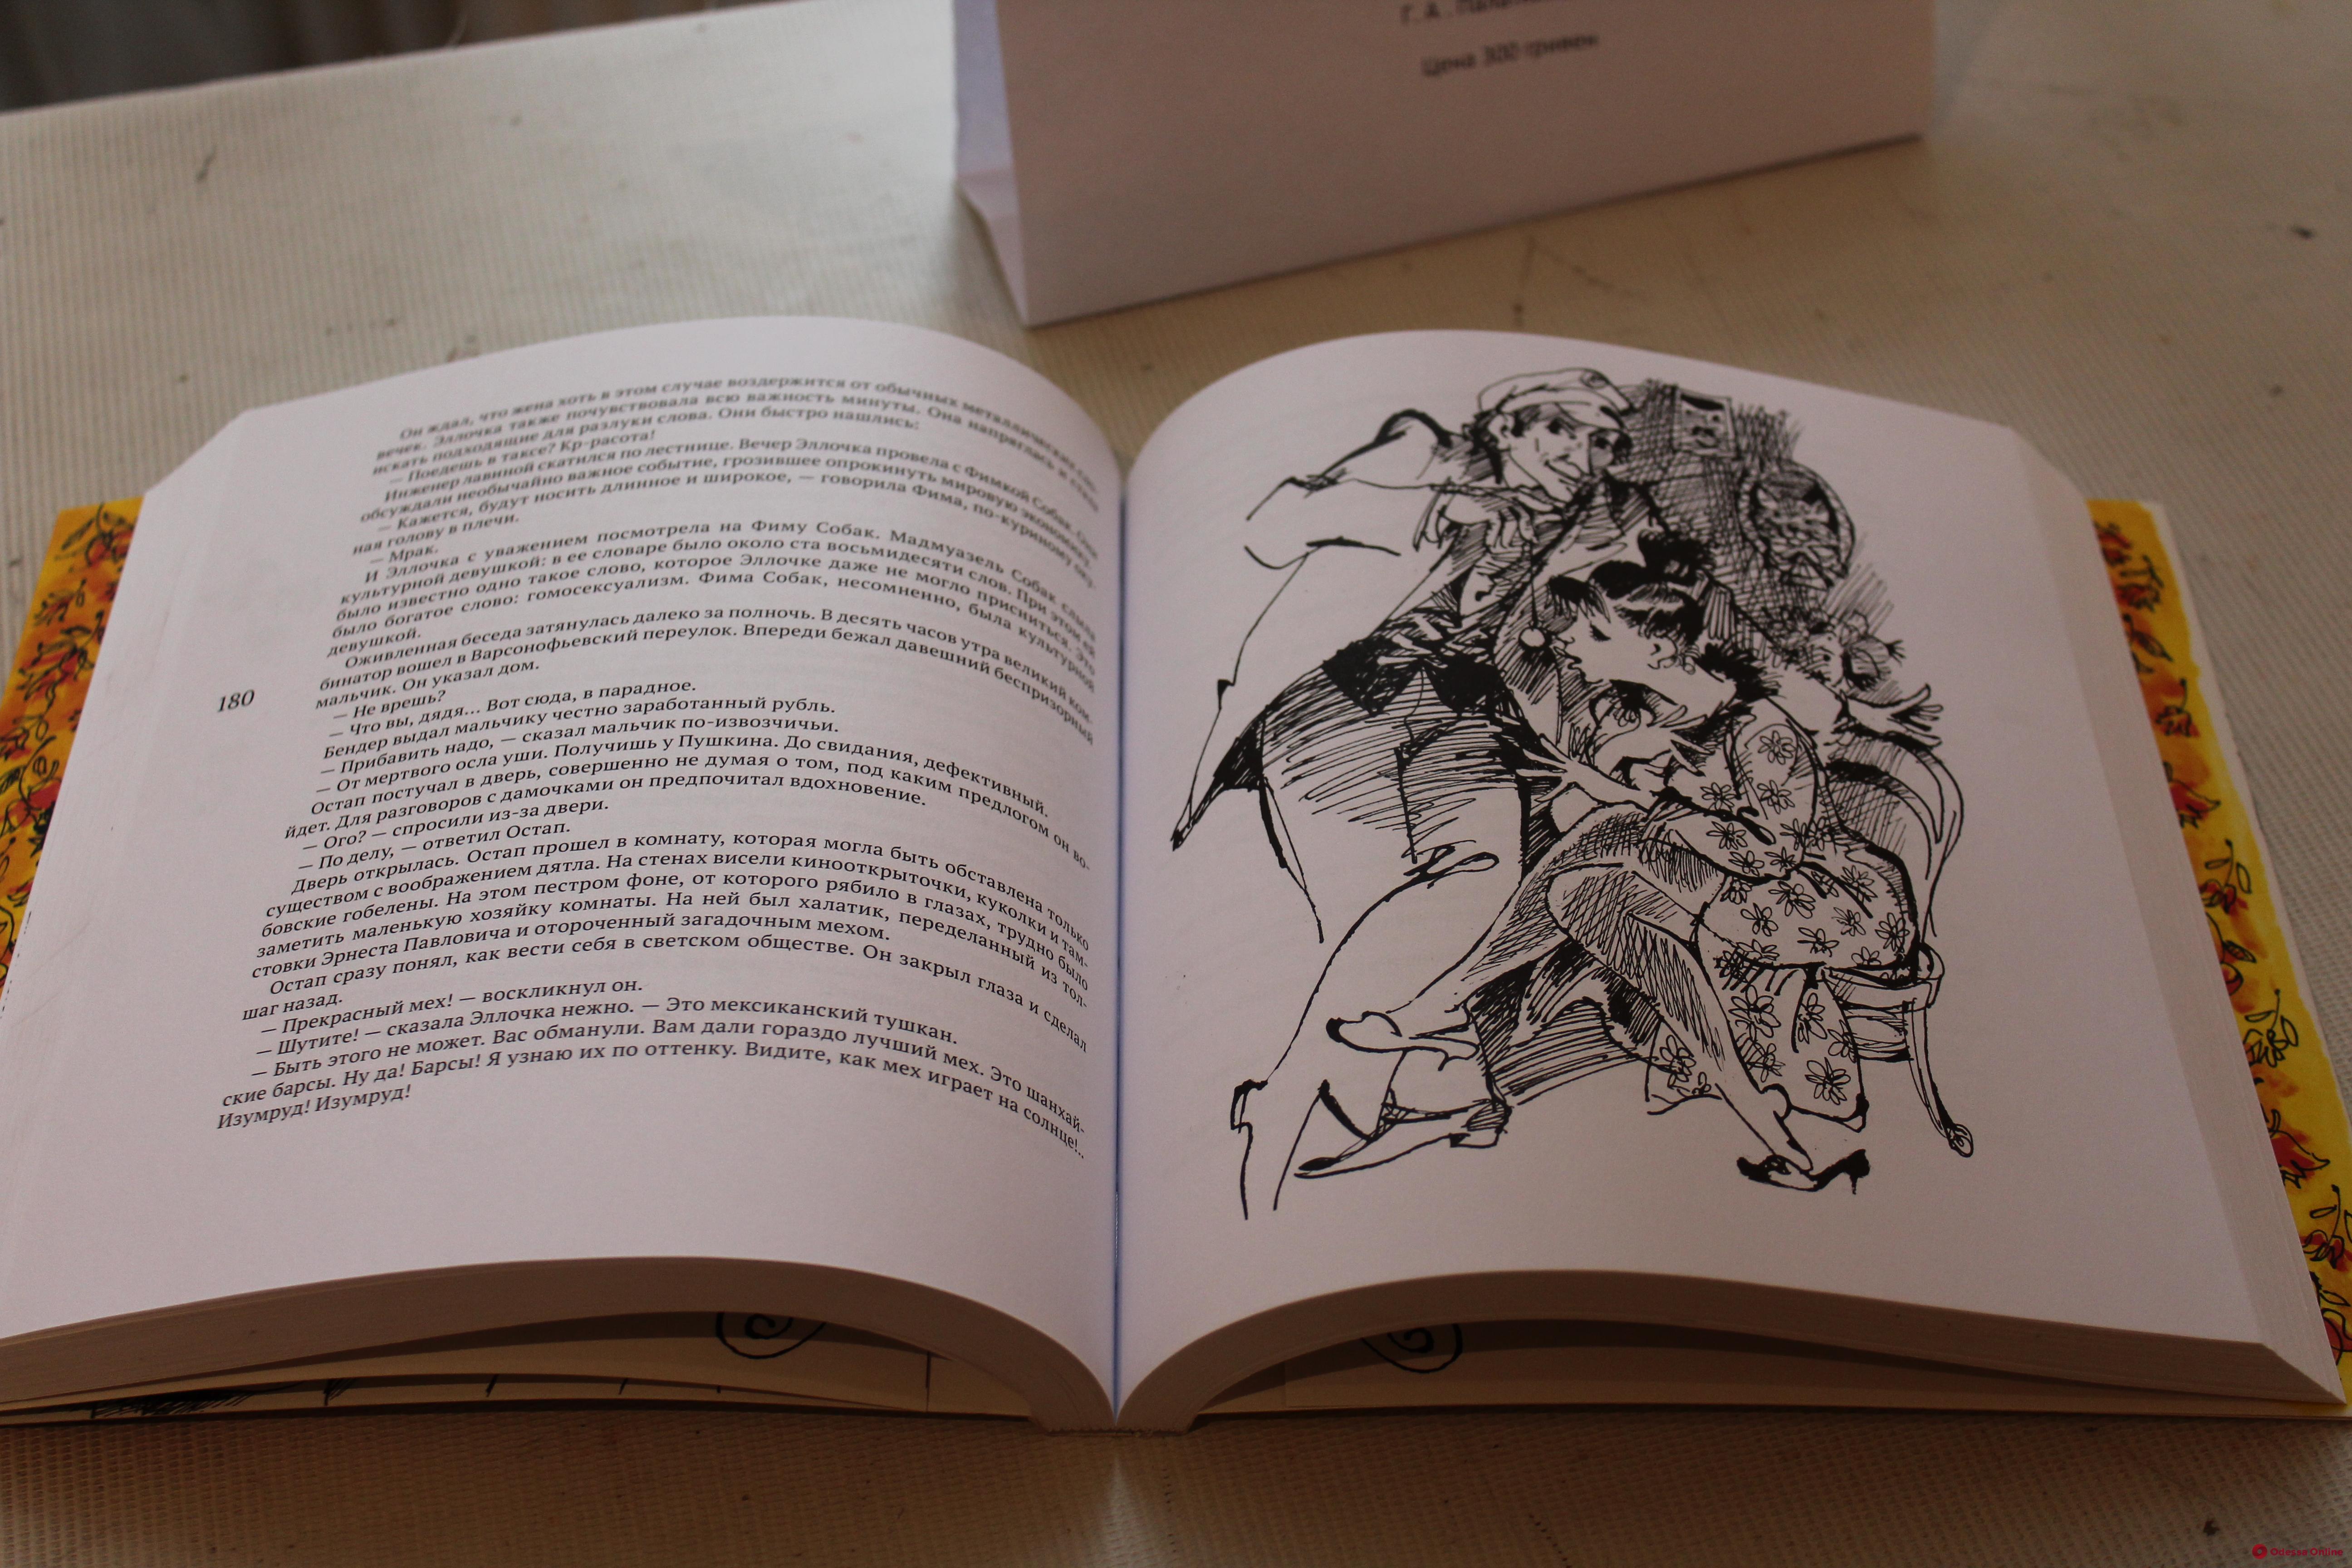 В Одессе проходит выставка художника-иллюстратора книг Ильфа и Петрова